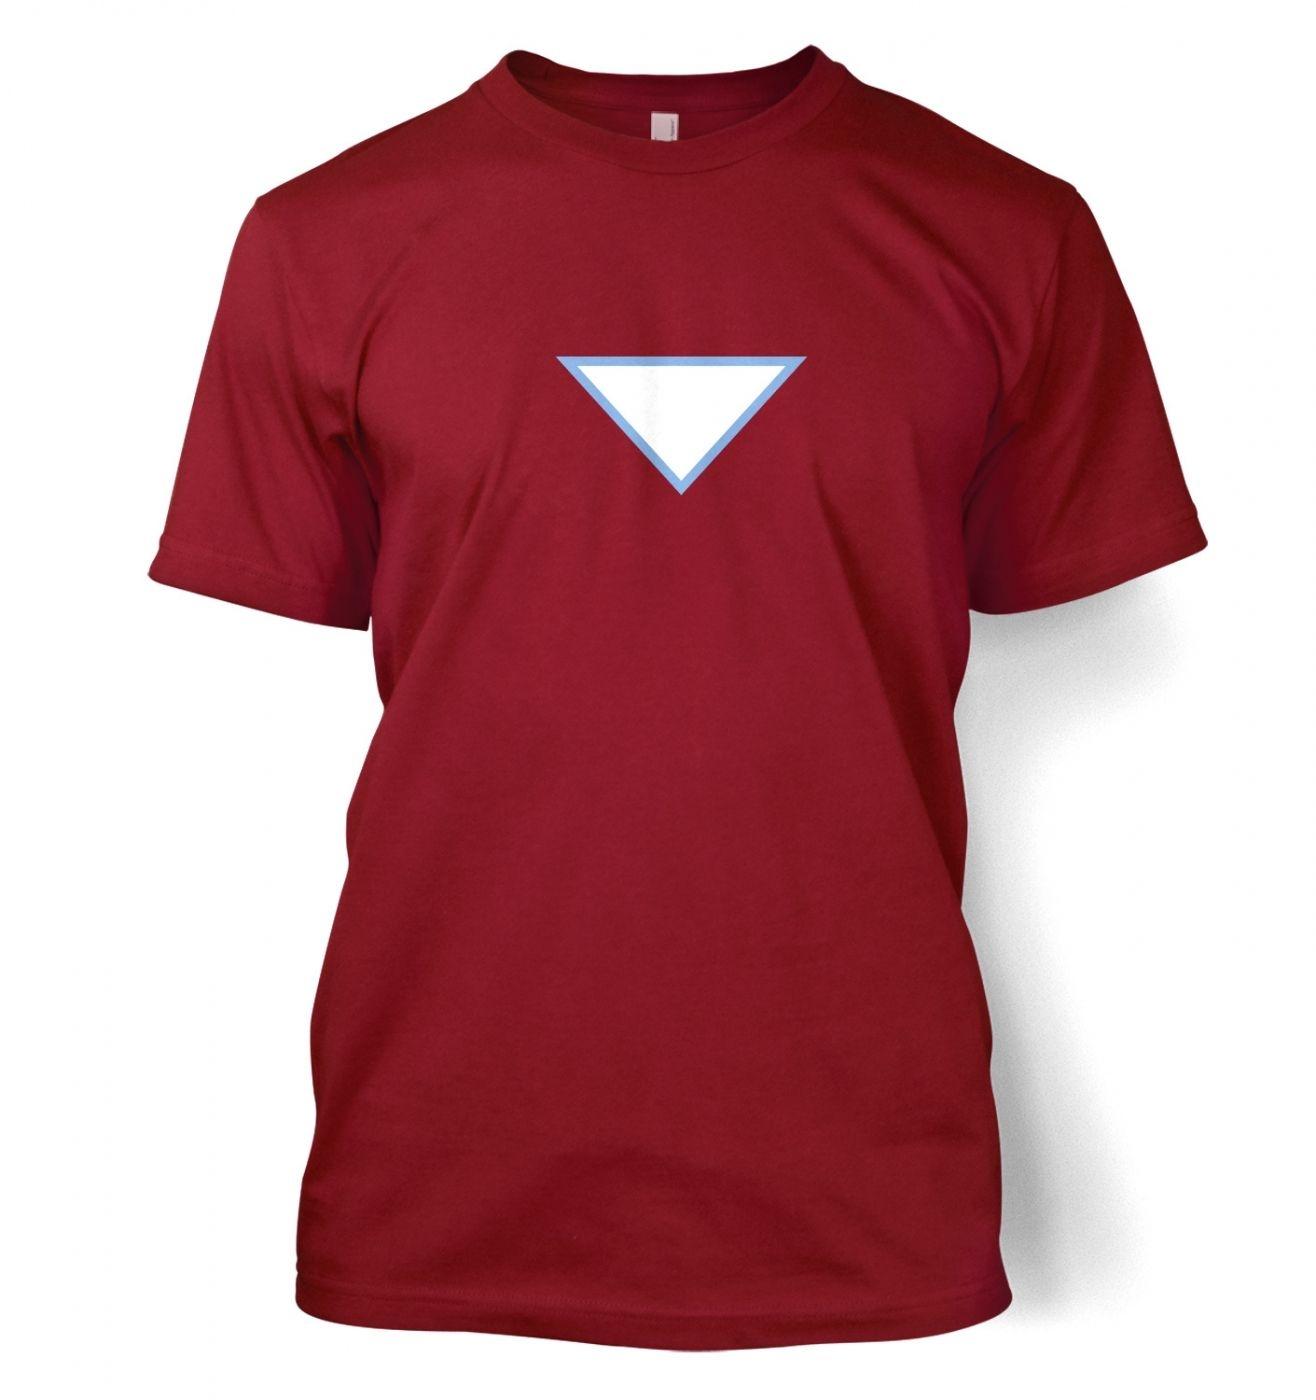 Triangular Power Cell men's t-shirt